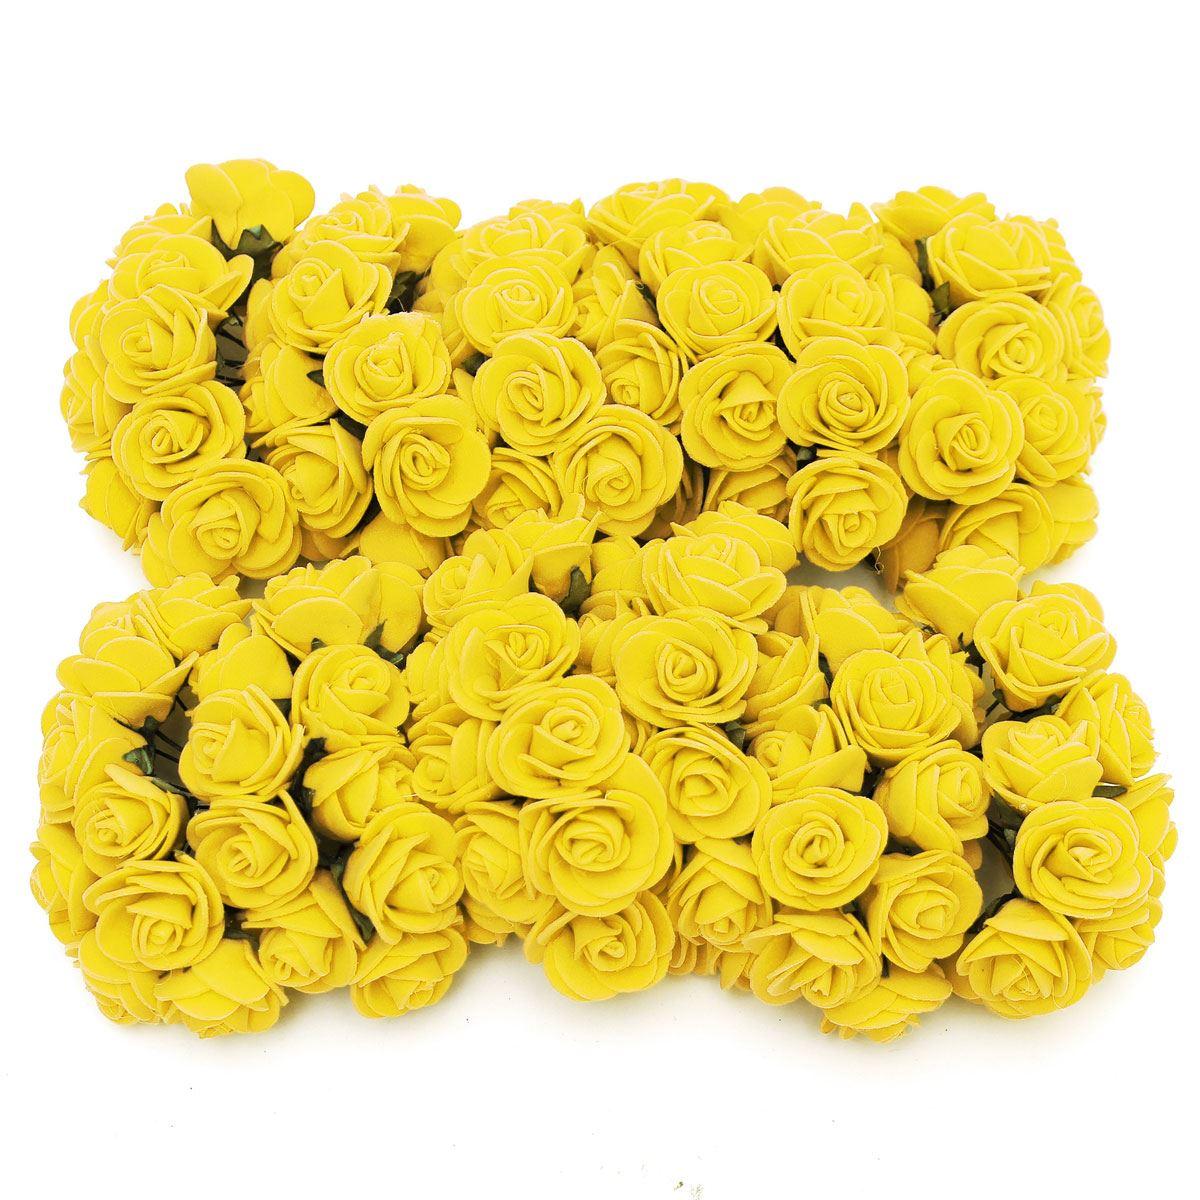 144 Pcs/bag Artificial Flowers Foam Rose Bouquet Wedding Decoration ...